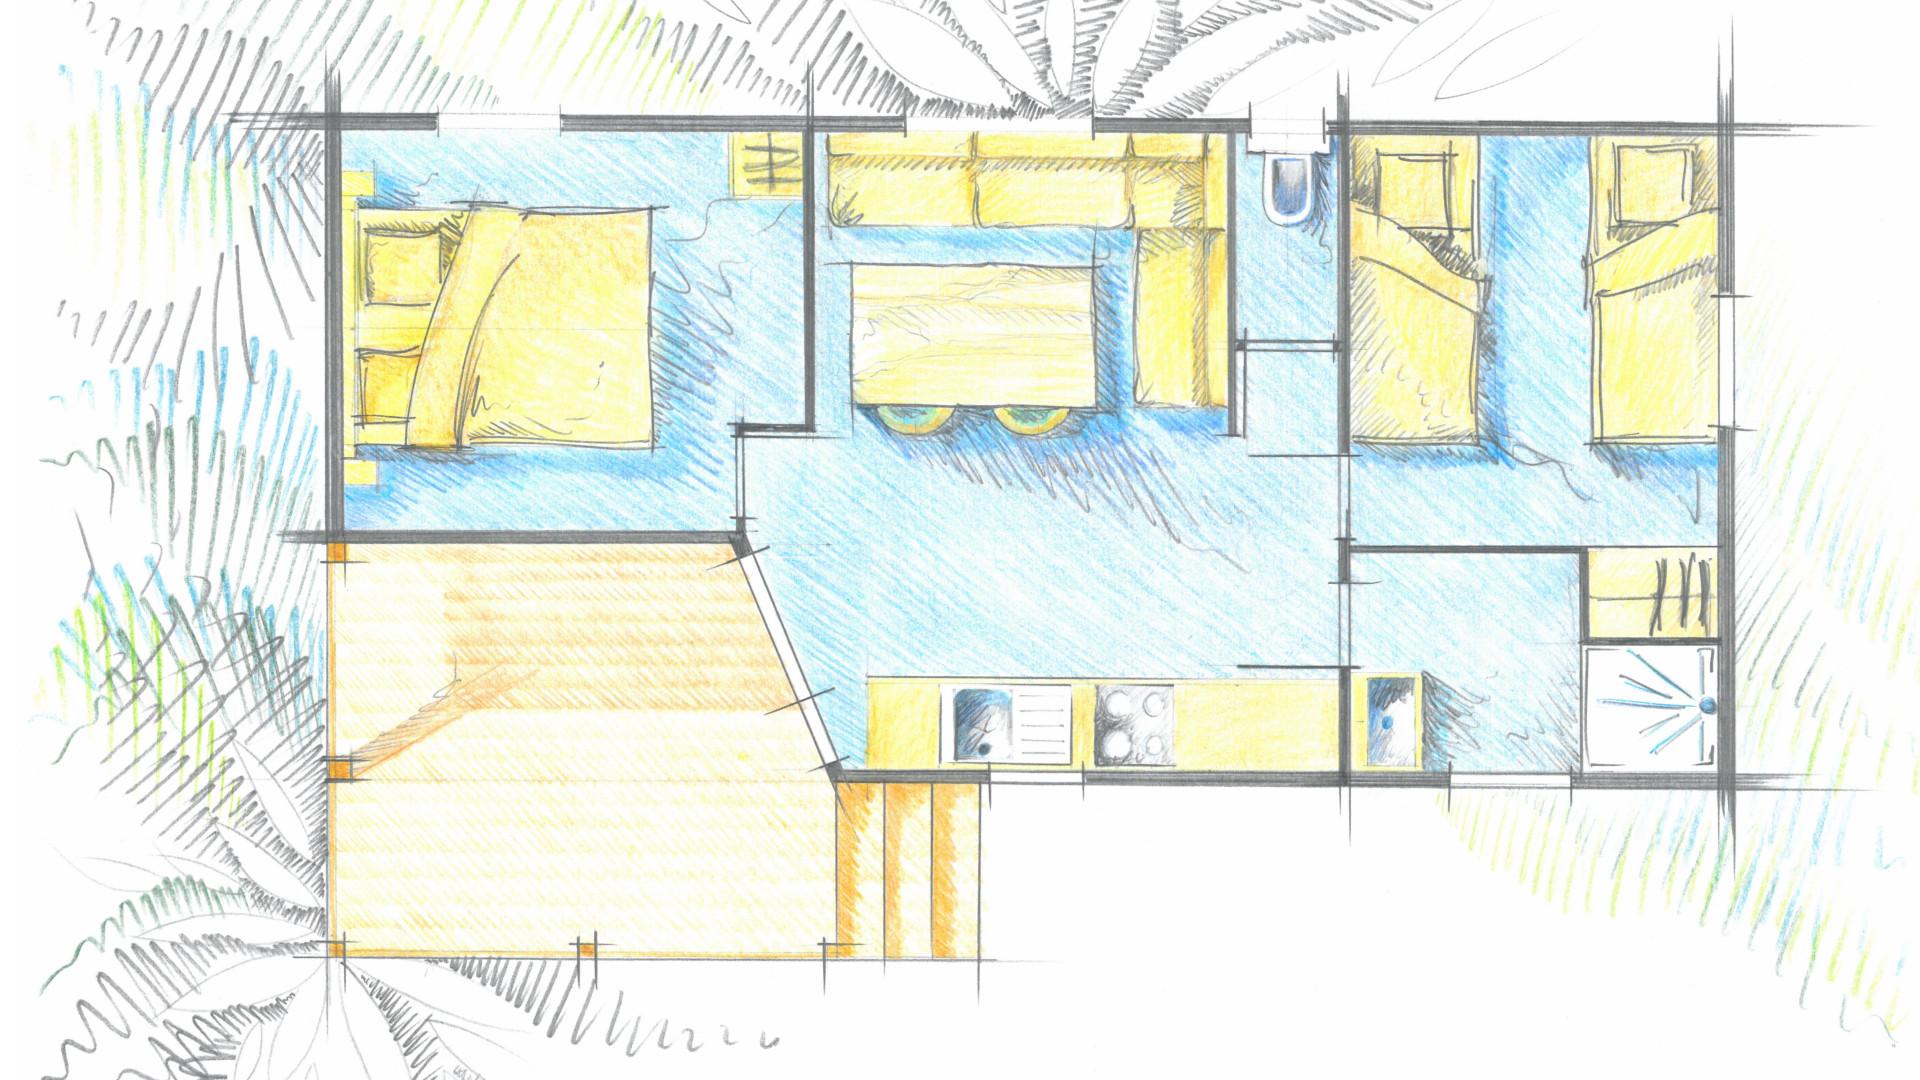 Plan du mobile-home omah